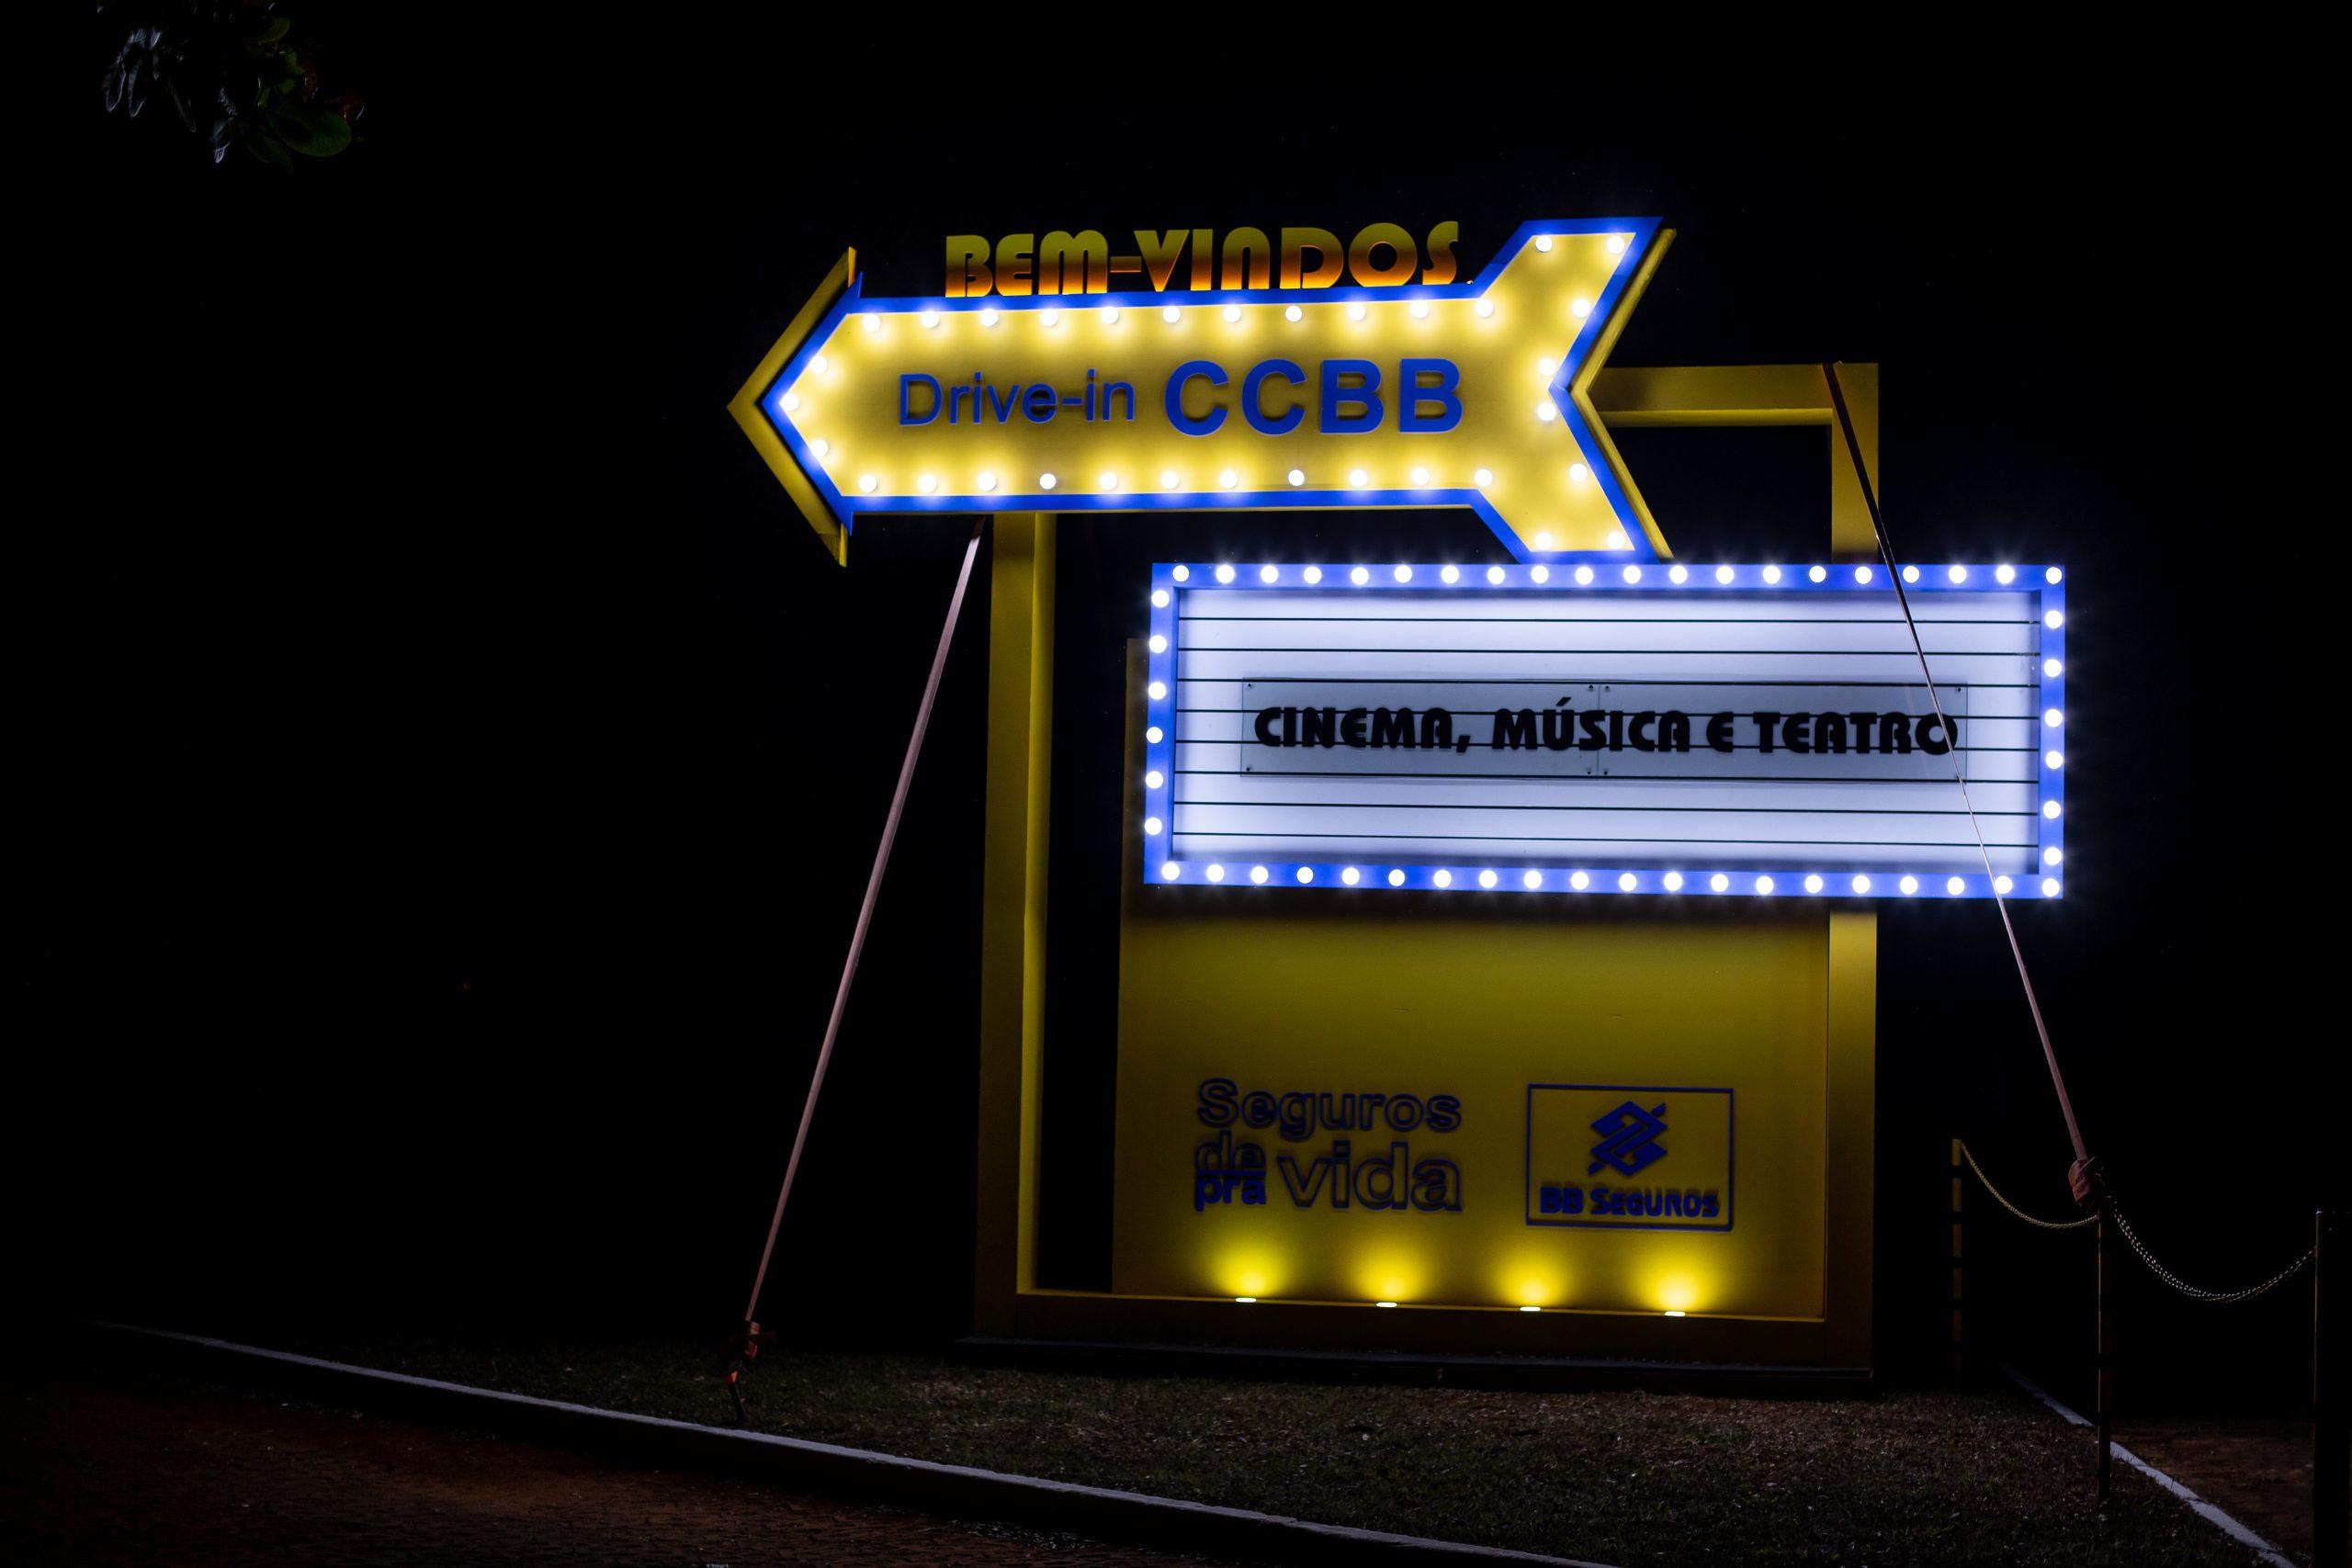 Centro Cultural Banco do Brasil divulga programação completa do Drive-In CCBB Palco Novo